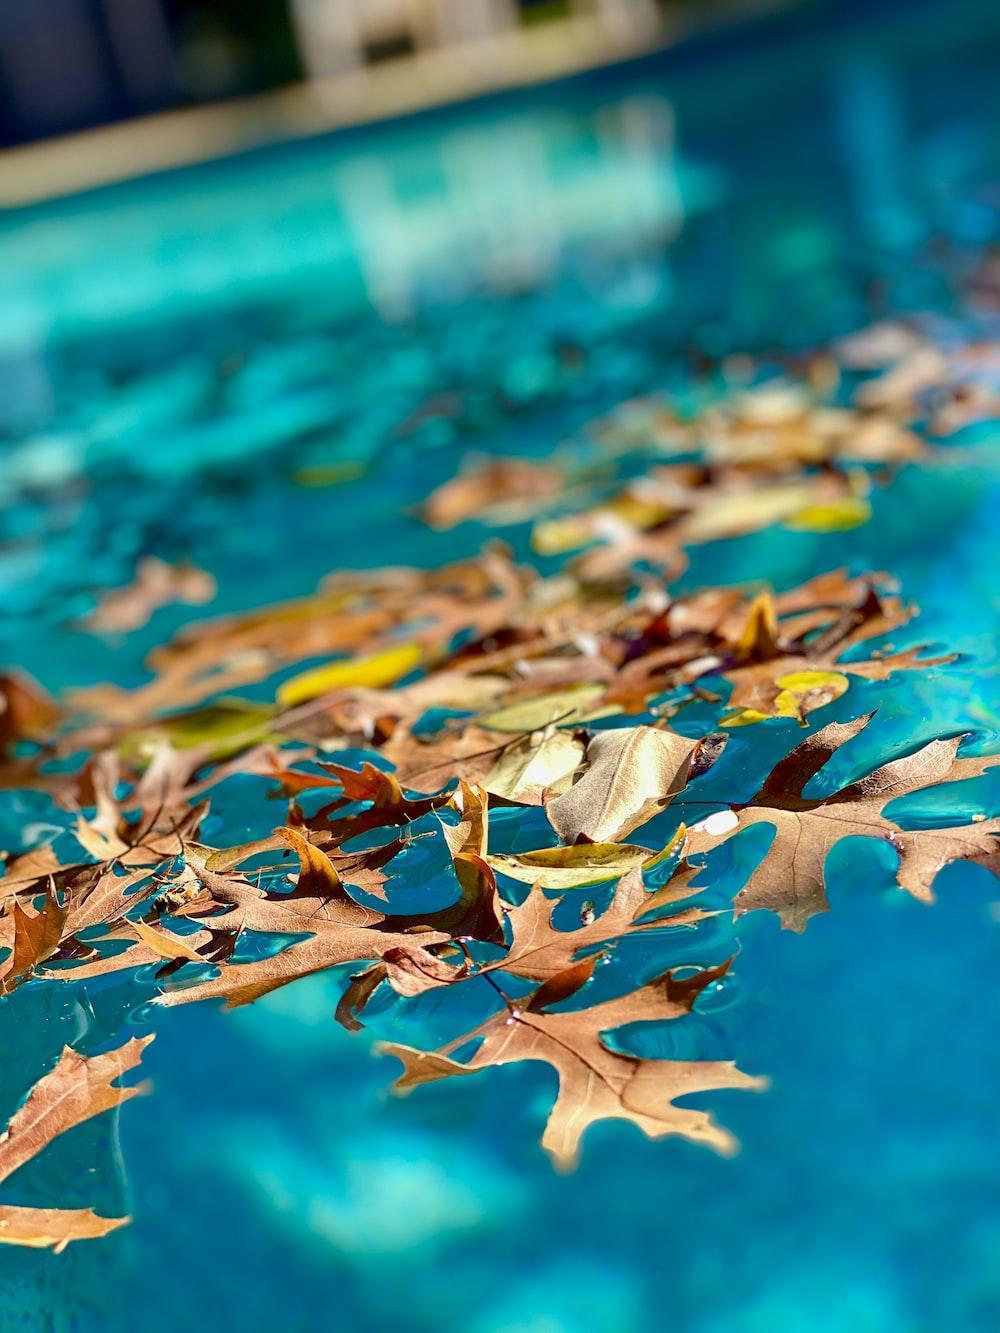 brown leaf floating on water